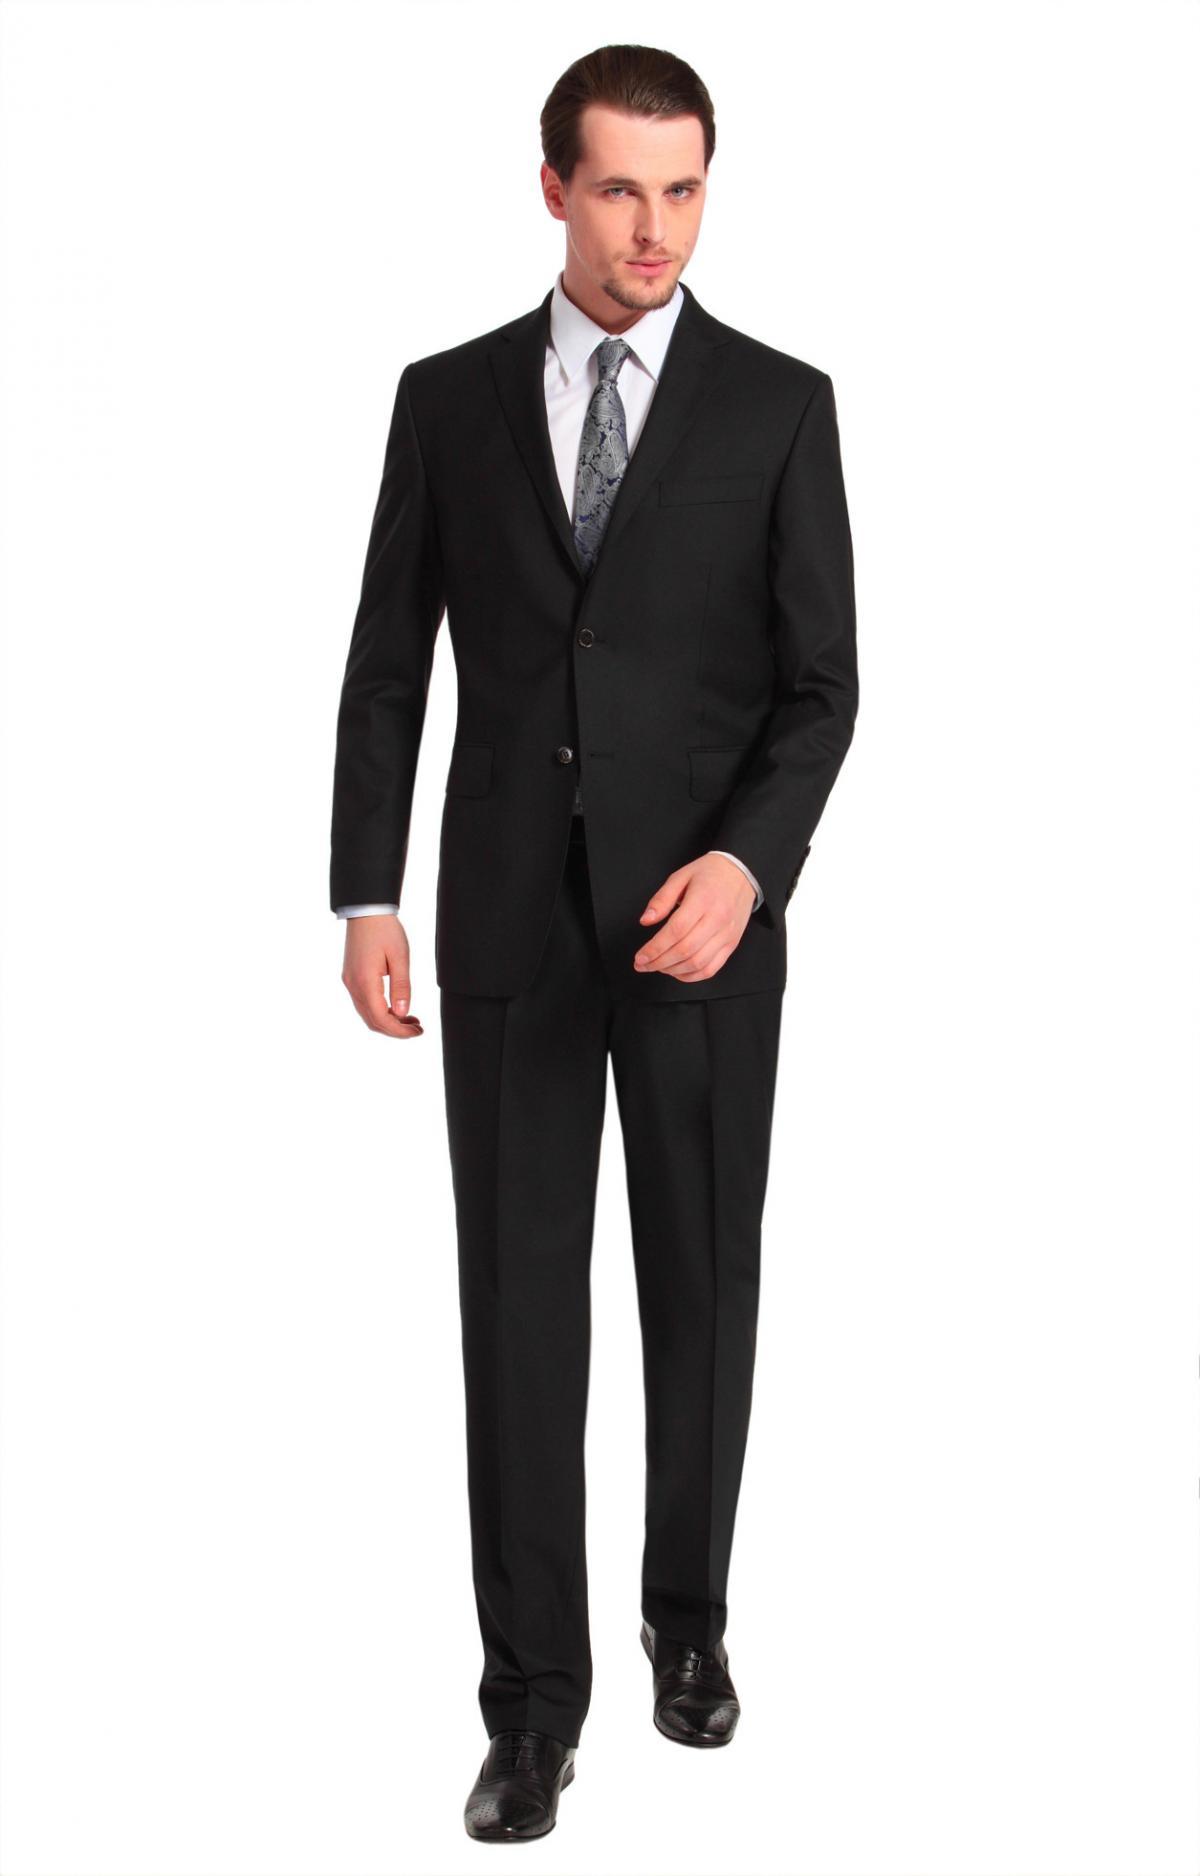 czarny garnitur Vistula jednorzędowy